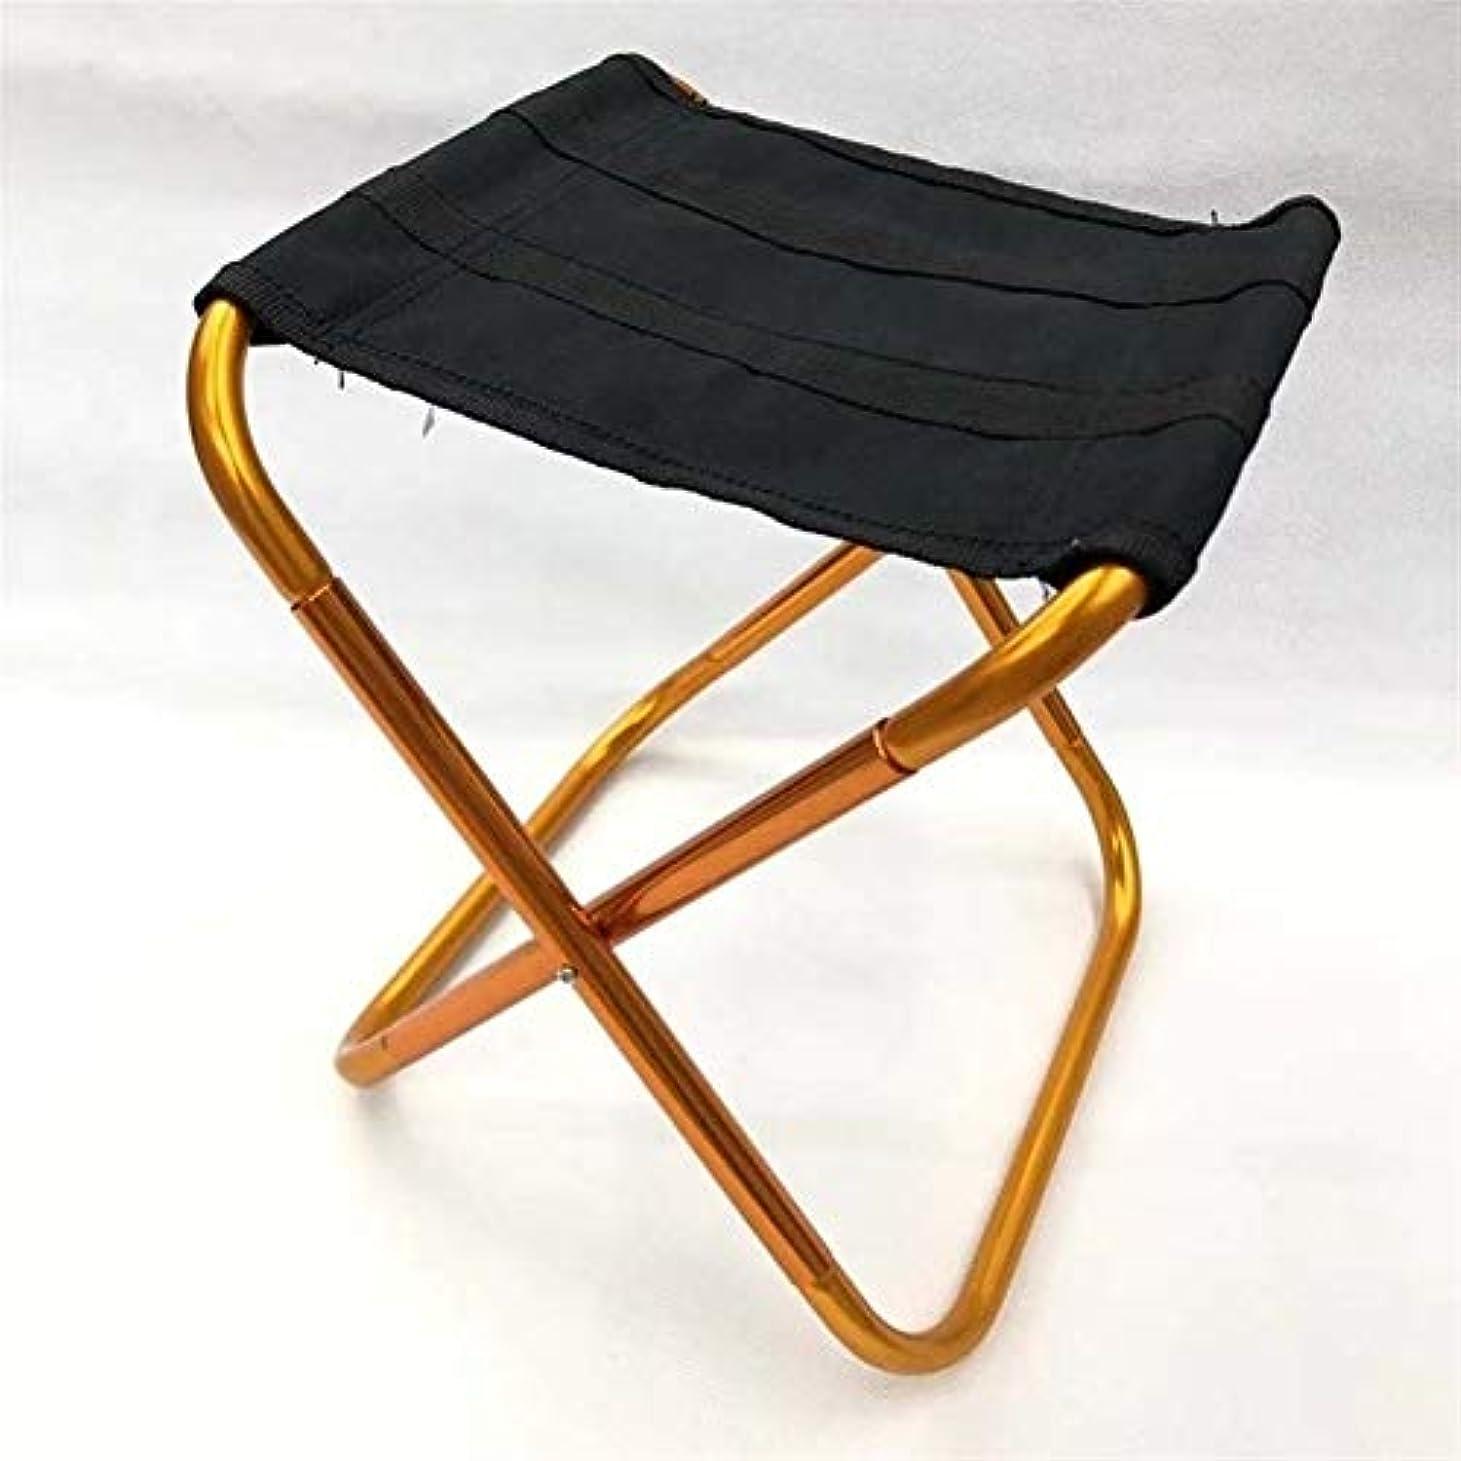 差別的よく話される溢れんばかりの折りたたみ椅子アウトドア釣りキャンプチェアアルミ合金バーベキュースツールピクニックポータブルスツールウルトラライトチェア nta691